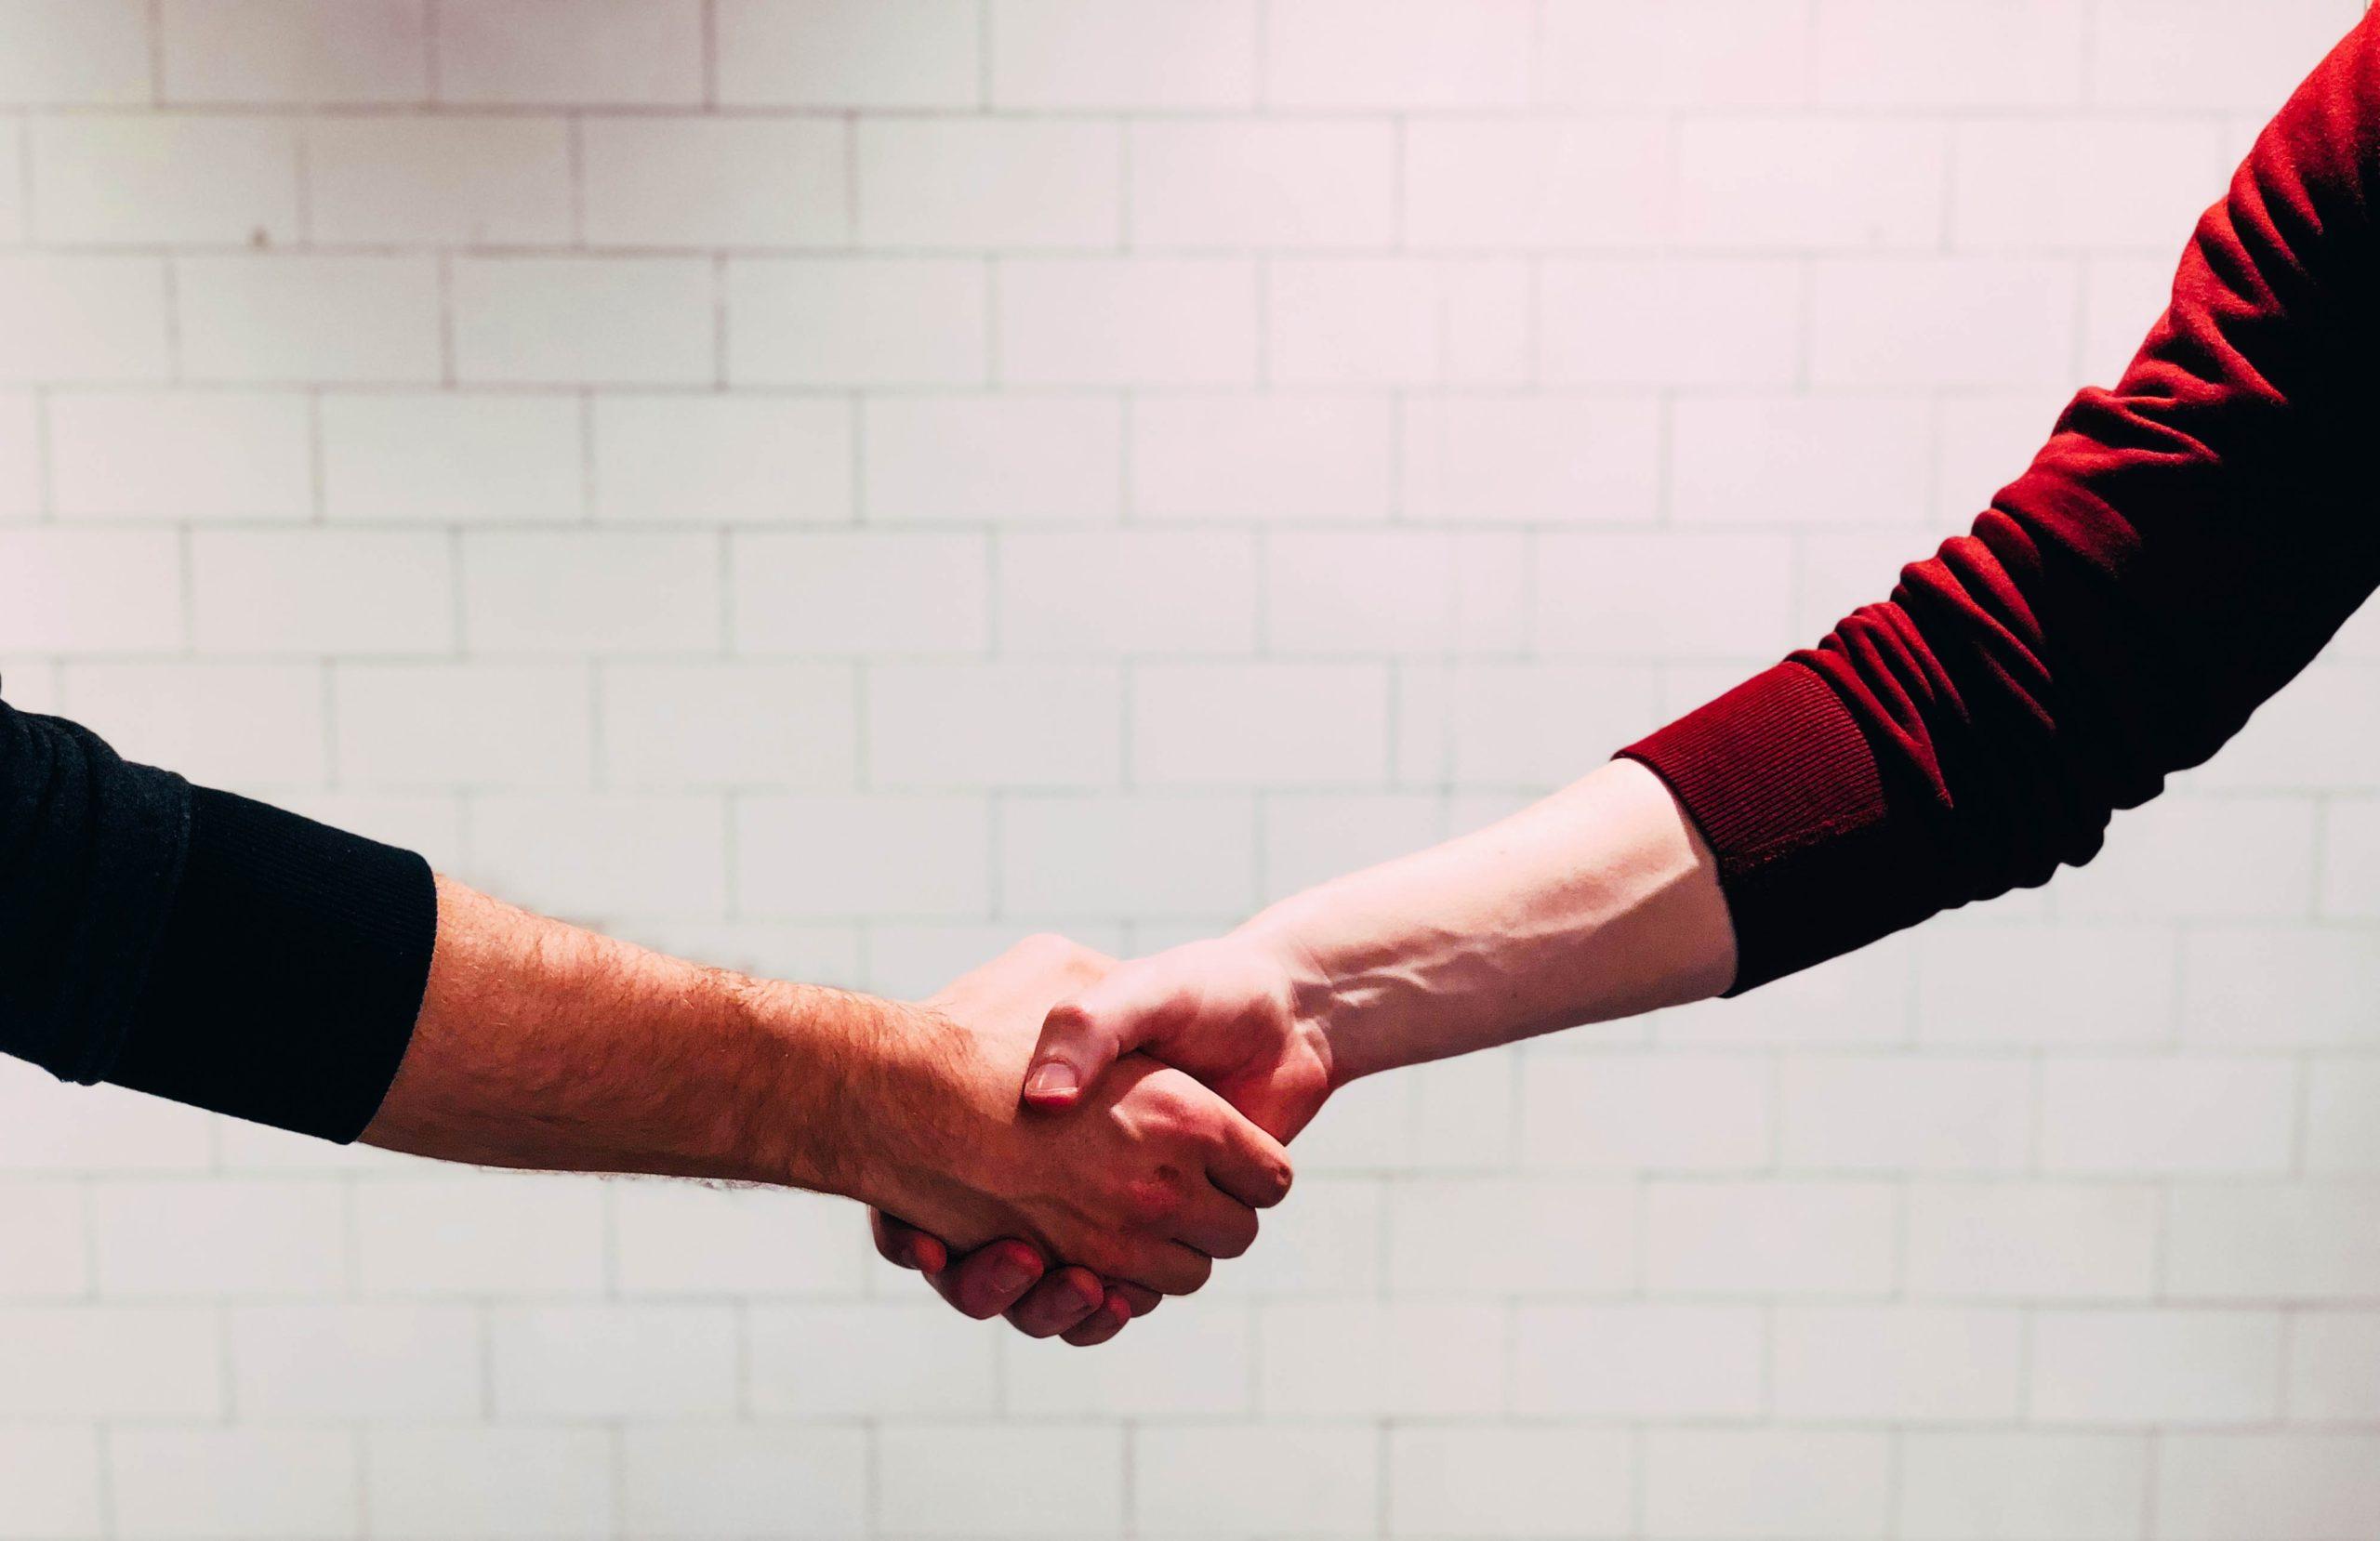 Fare e ricevere una critica cristiana: purificatevi gli uni gli altri con le vostre parole